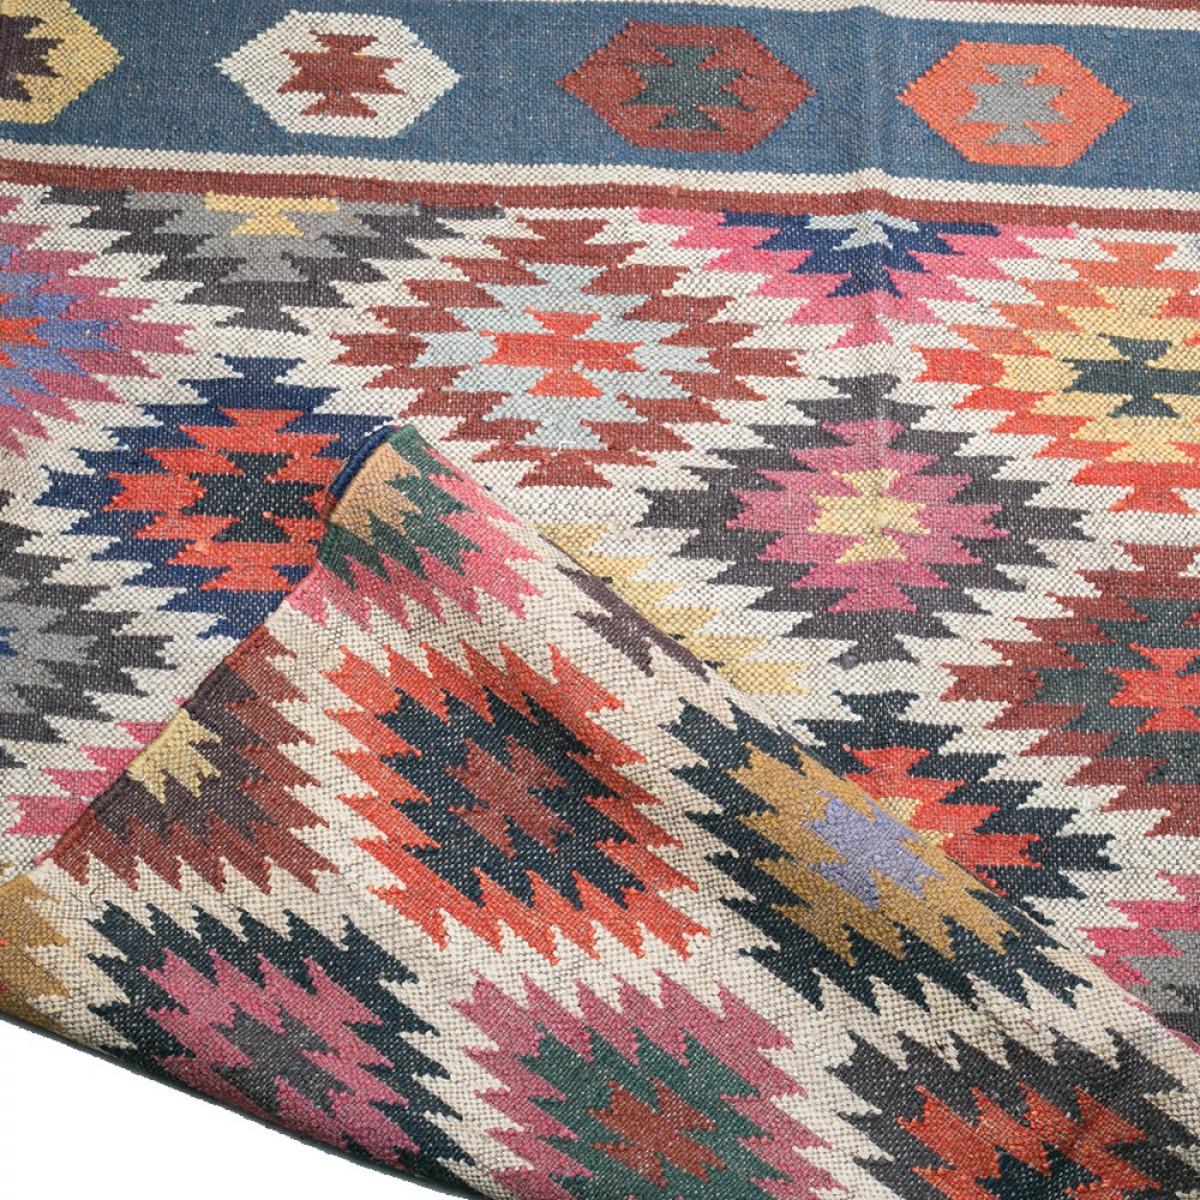 Jute Kilim Floor Rugs - Multi Colour